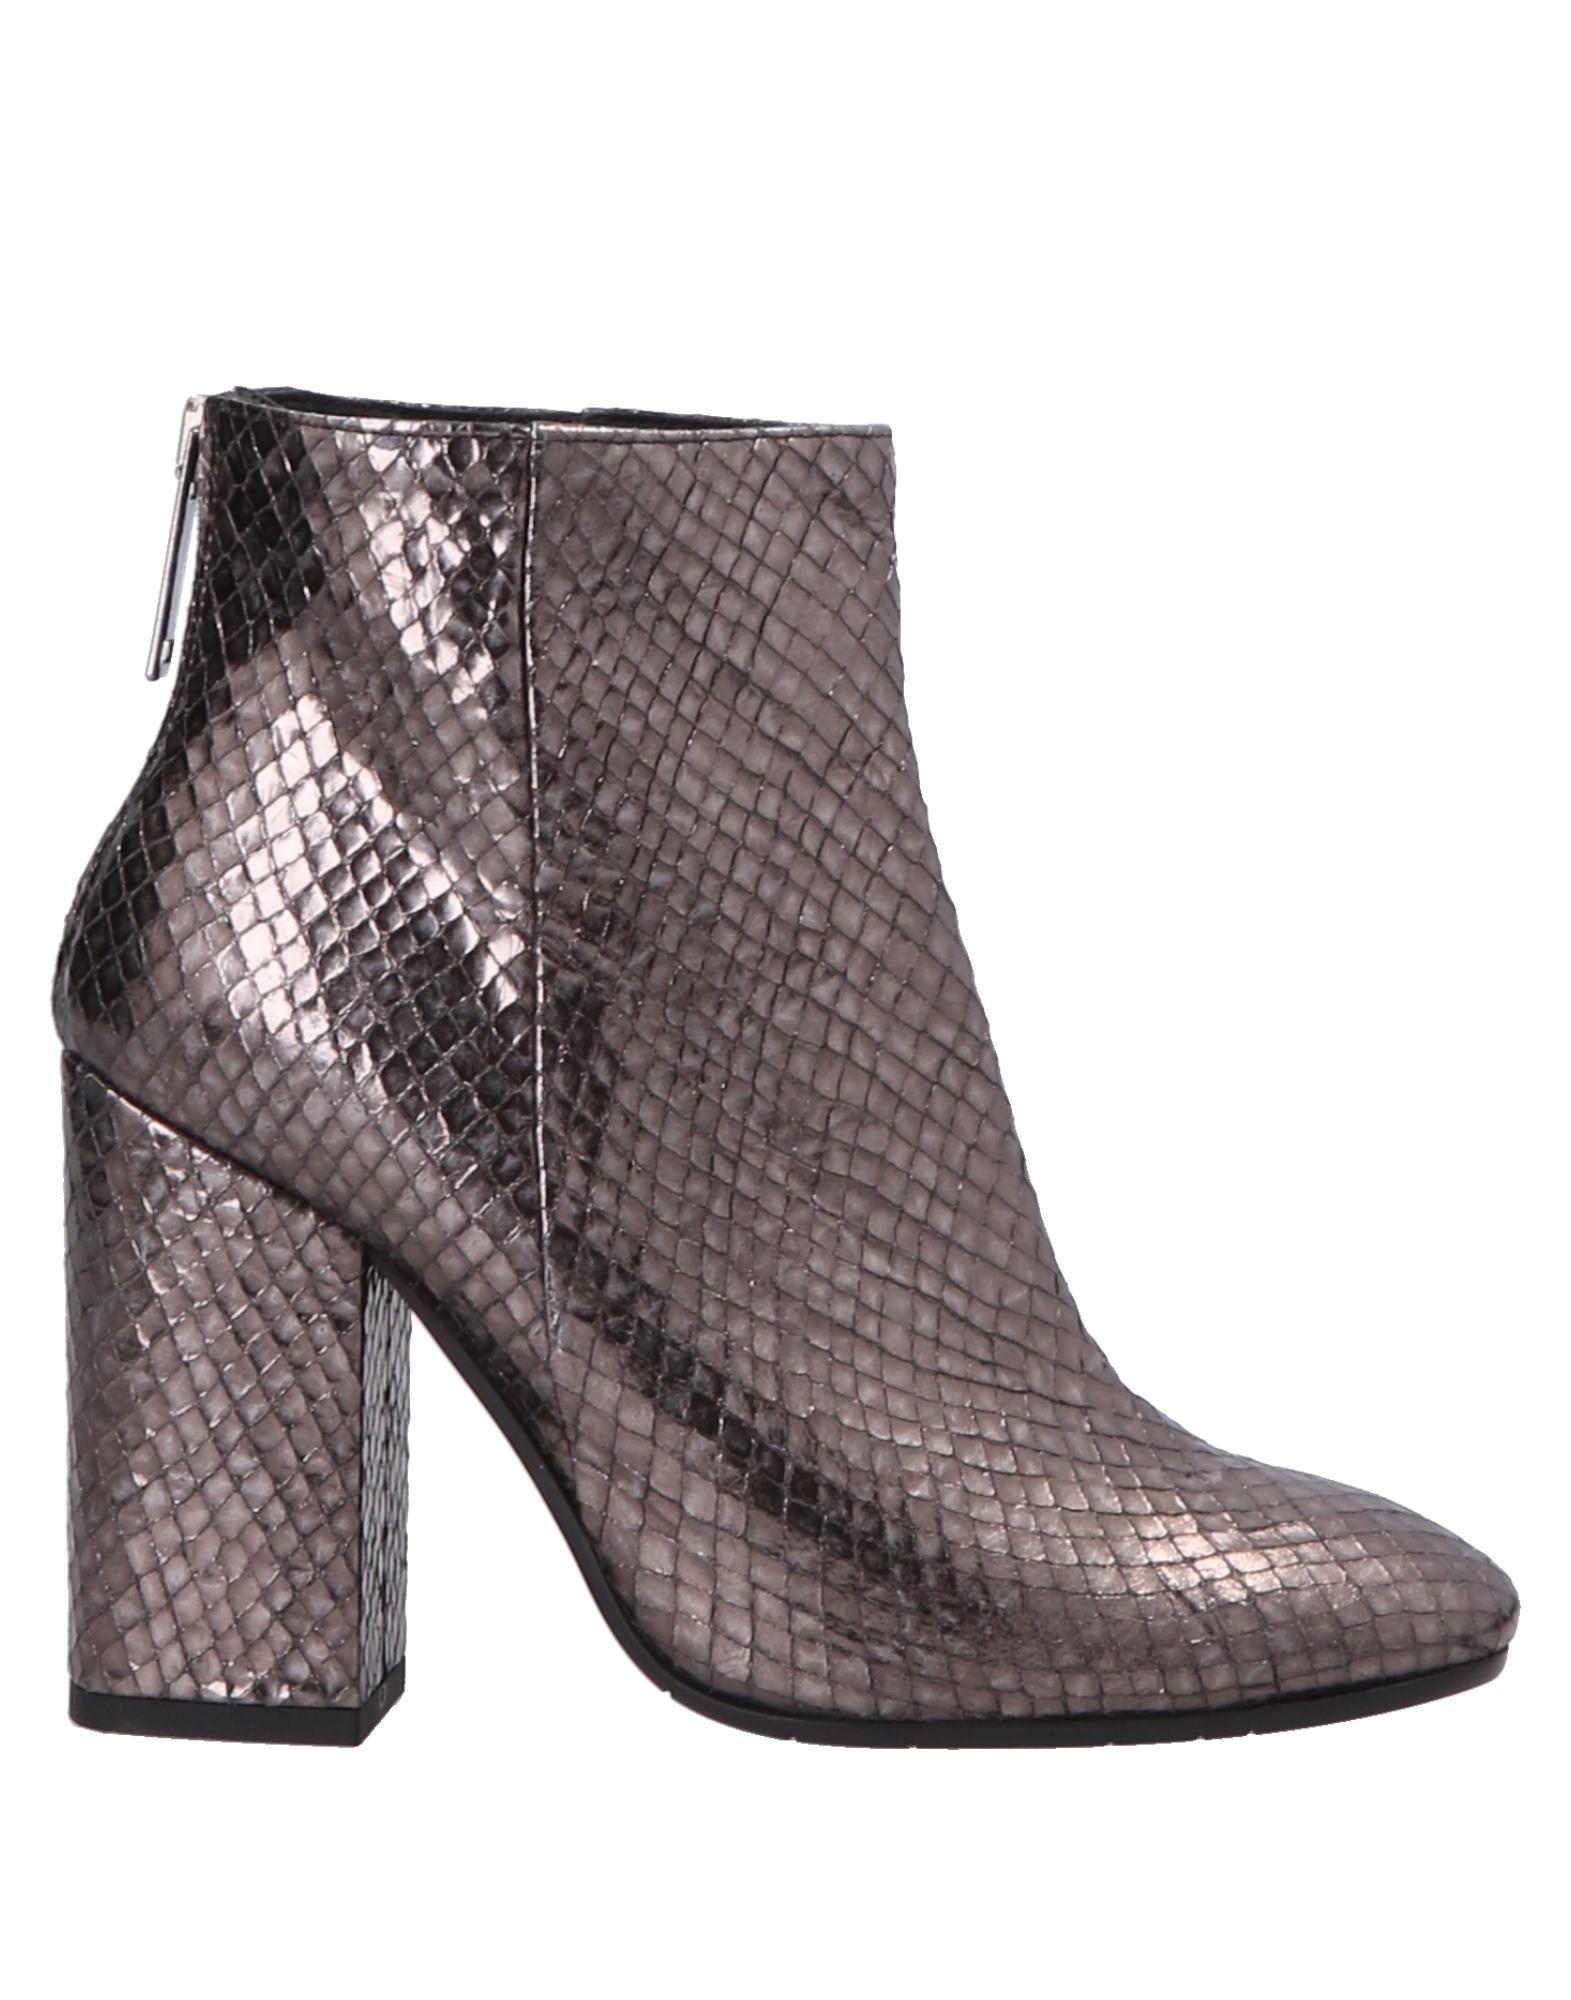 Chiarini Bologna Ankle Boot - Chiarini Women Chiarini - Bologna Ankle Boots online on  United Kingdom - 11547069XH 0ba385